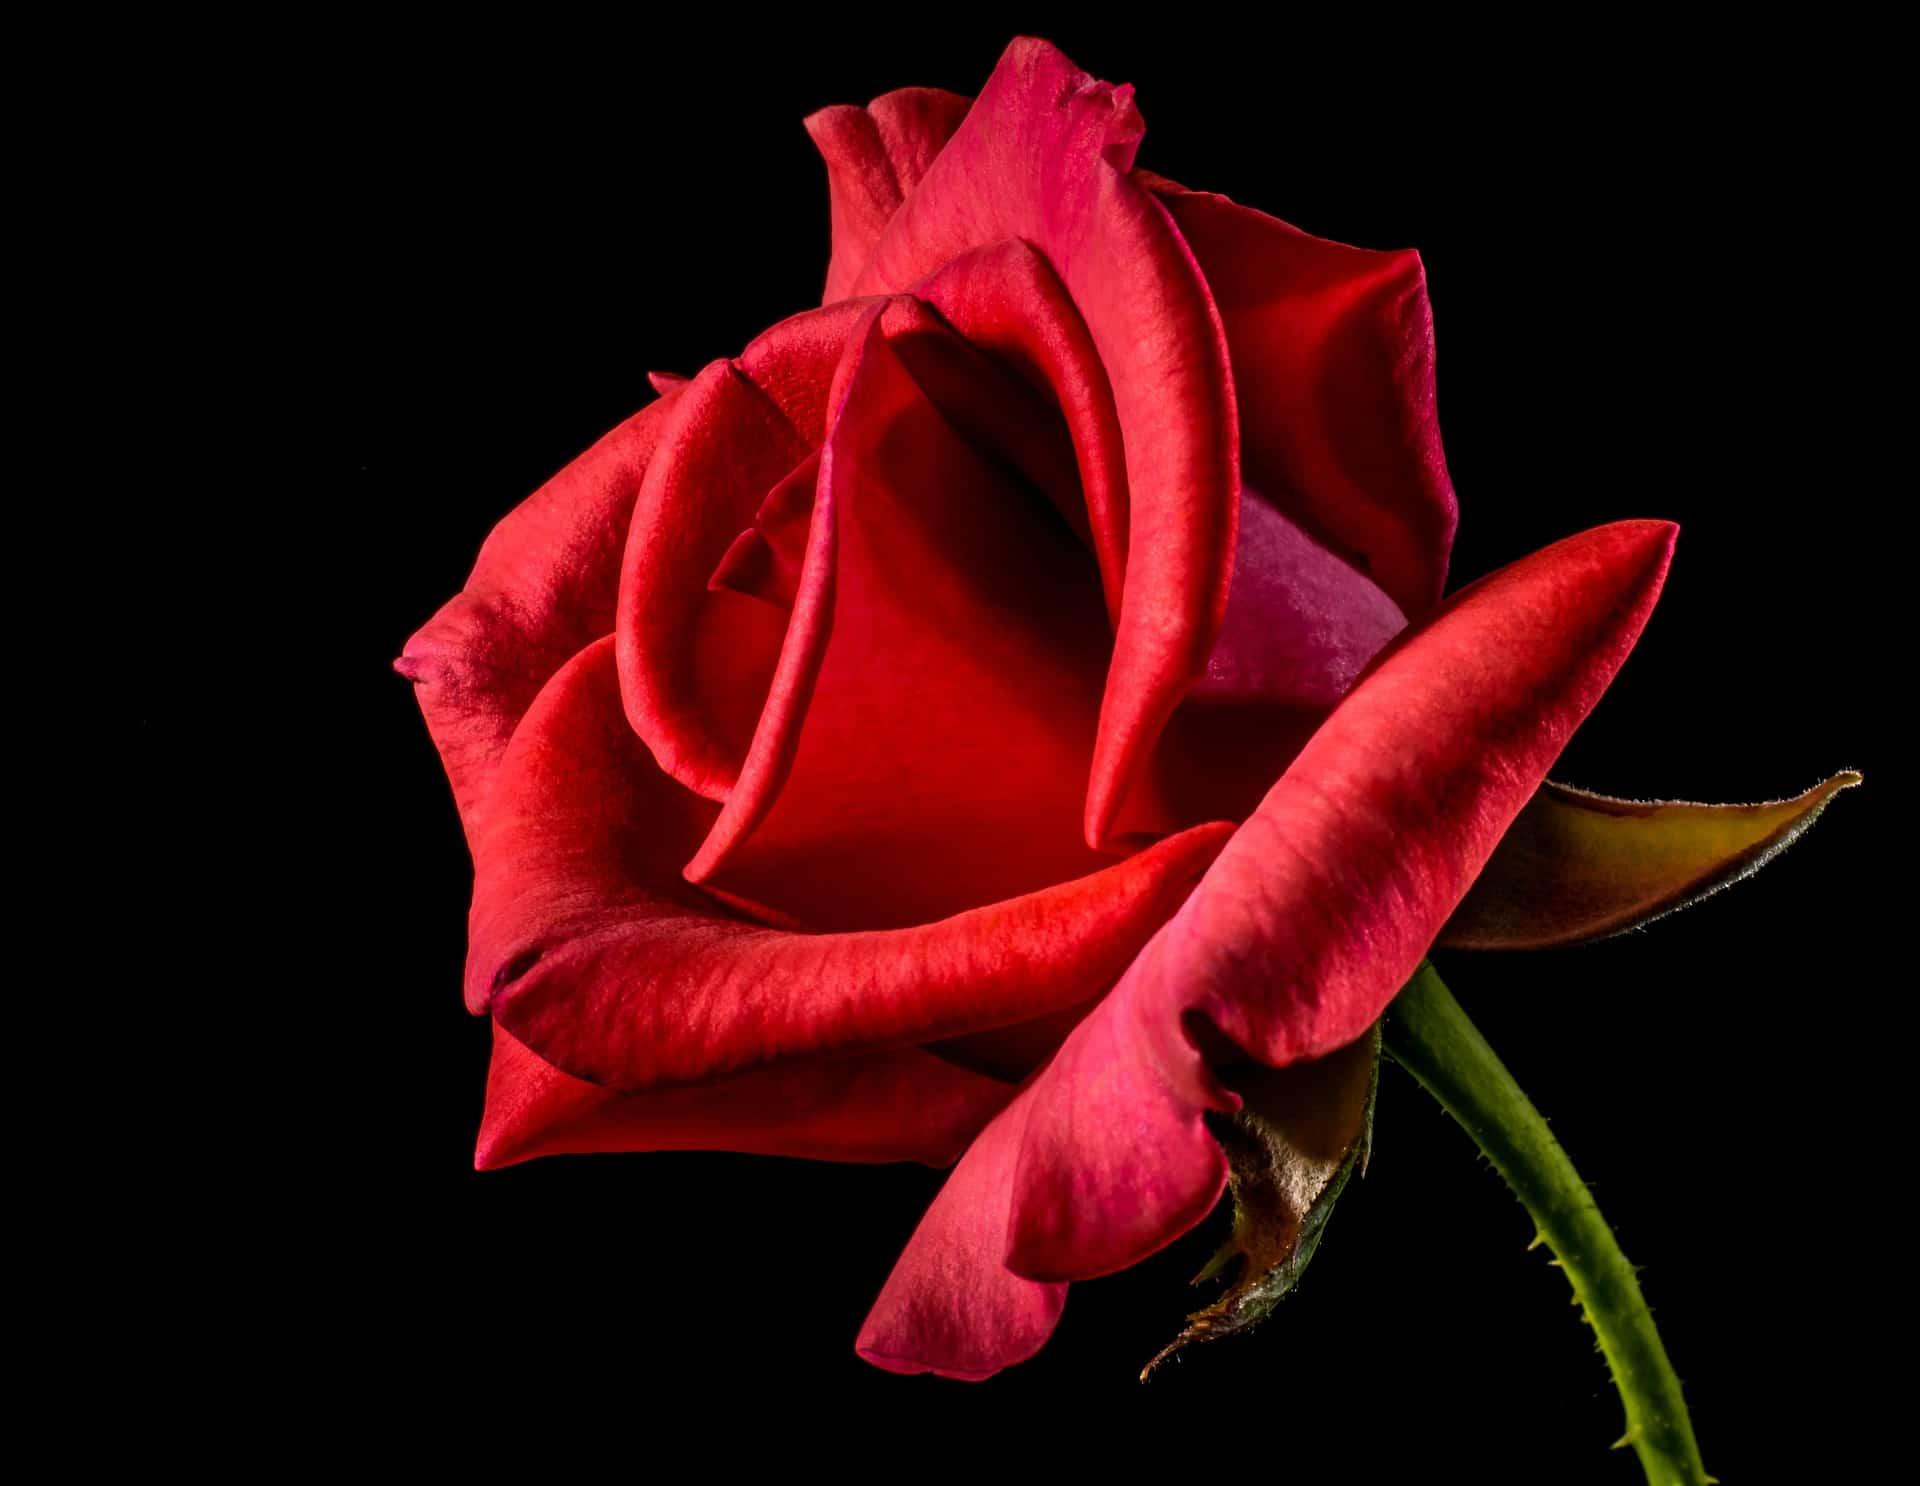 Rote Rosen, die Königin unter den Blumen